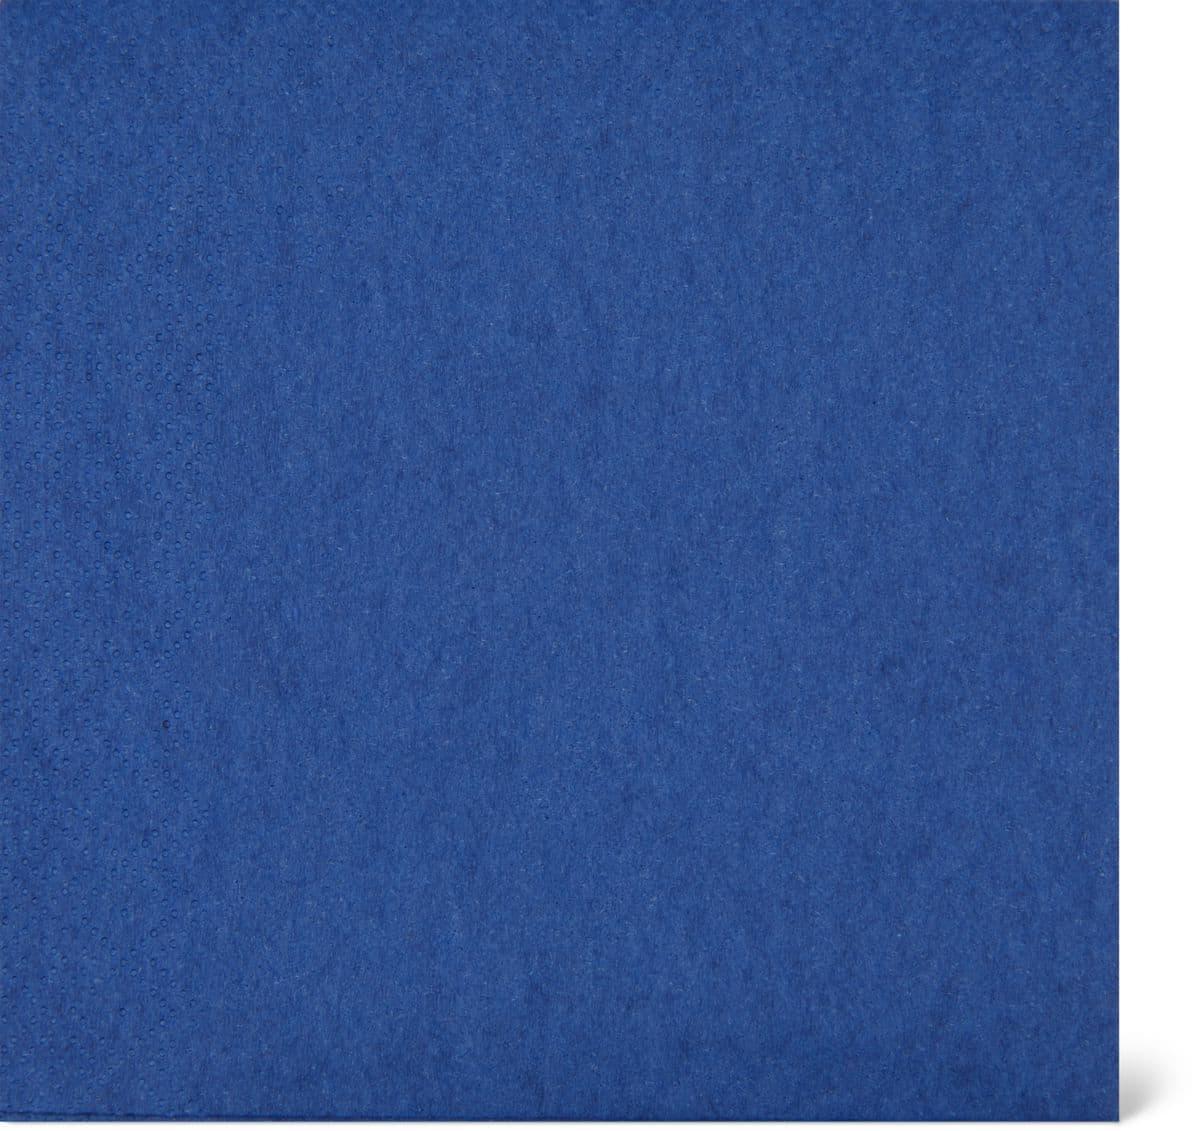 Cucina & Tavola Tovaglioli di carta, 24 x 24 cm